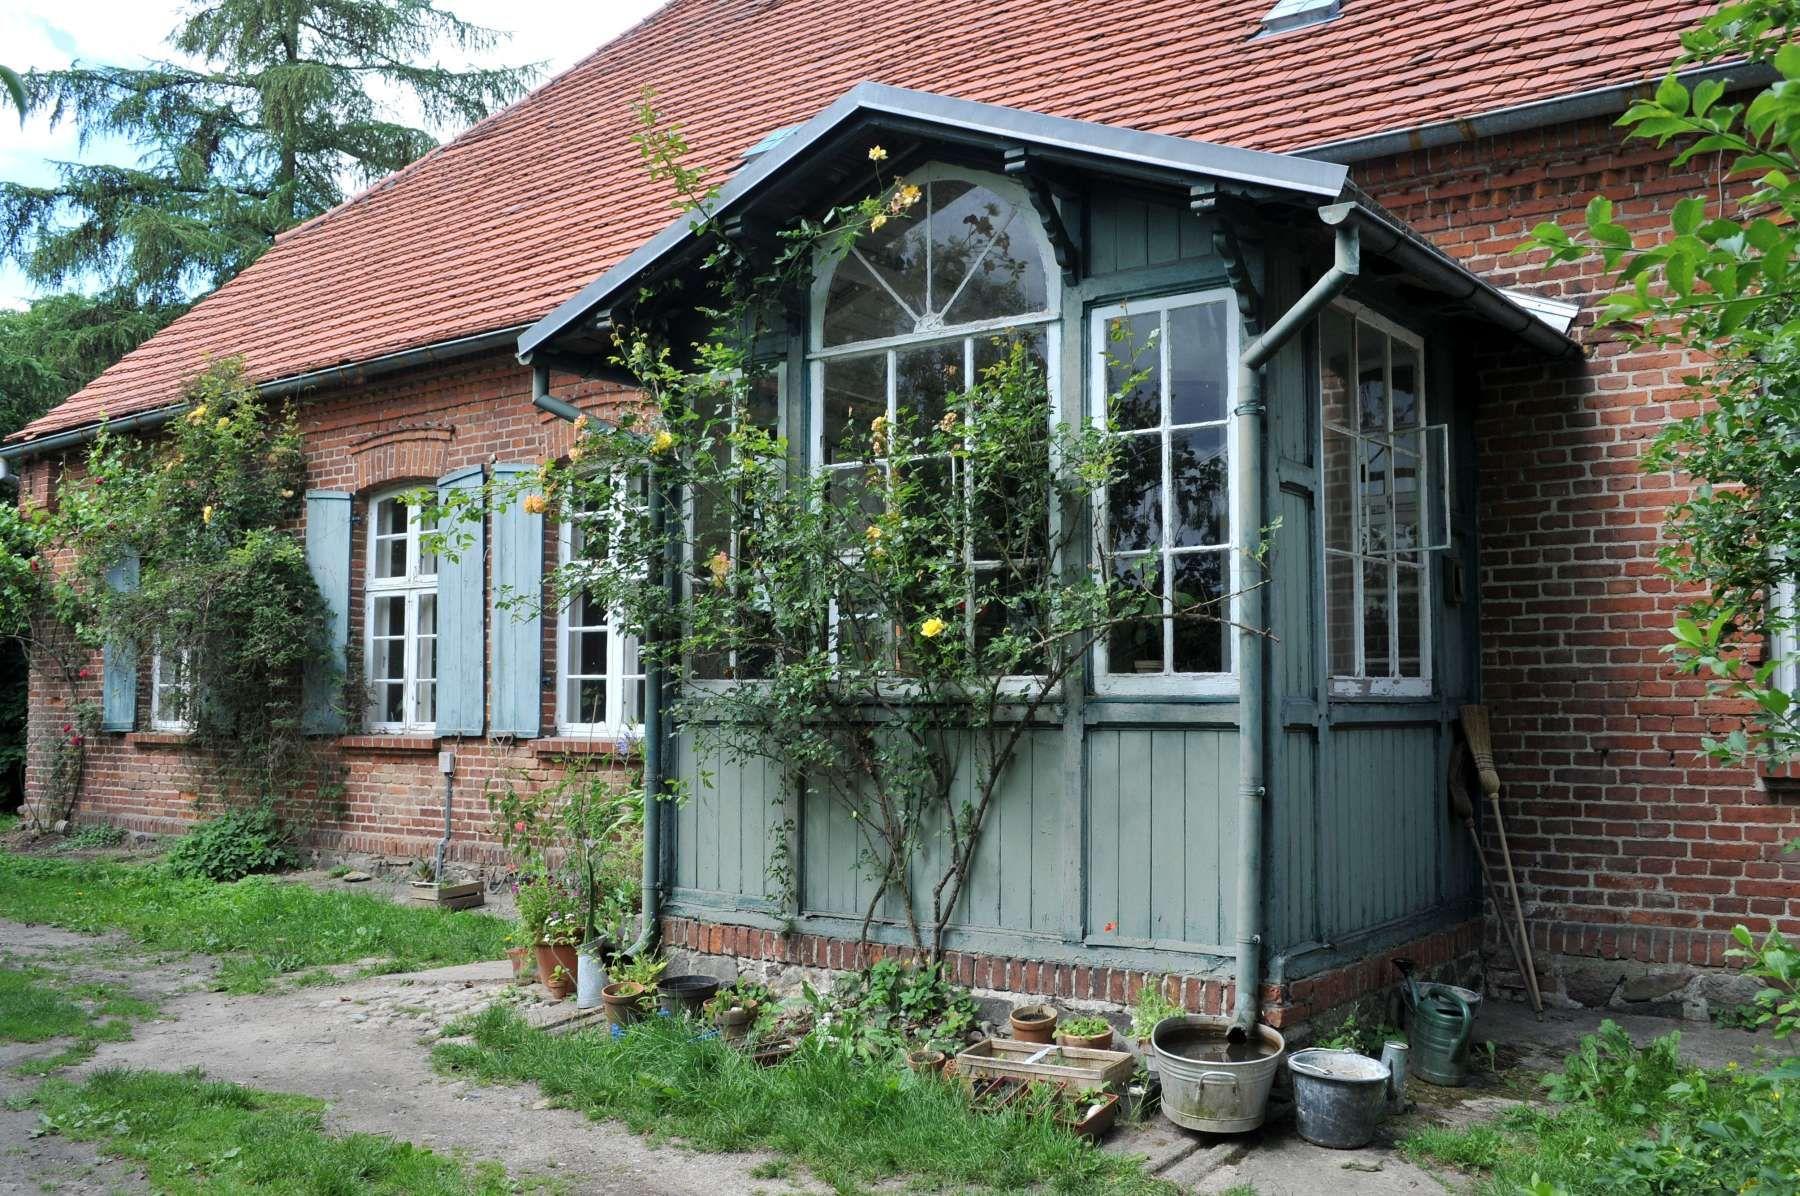 pfarrhaus in qualitz in mecklenburg vorpommern l ndliche. Black Bedroom Furniture Sets. Home Design Ideas